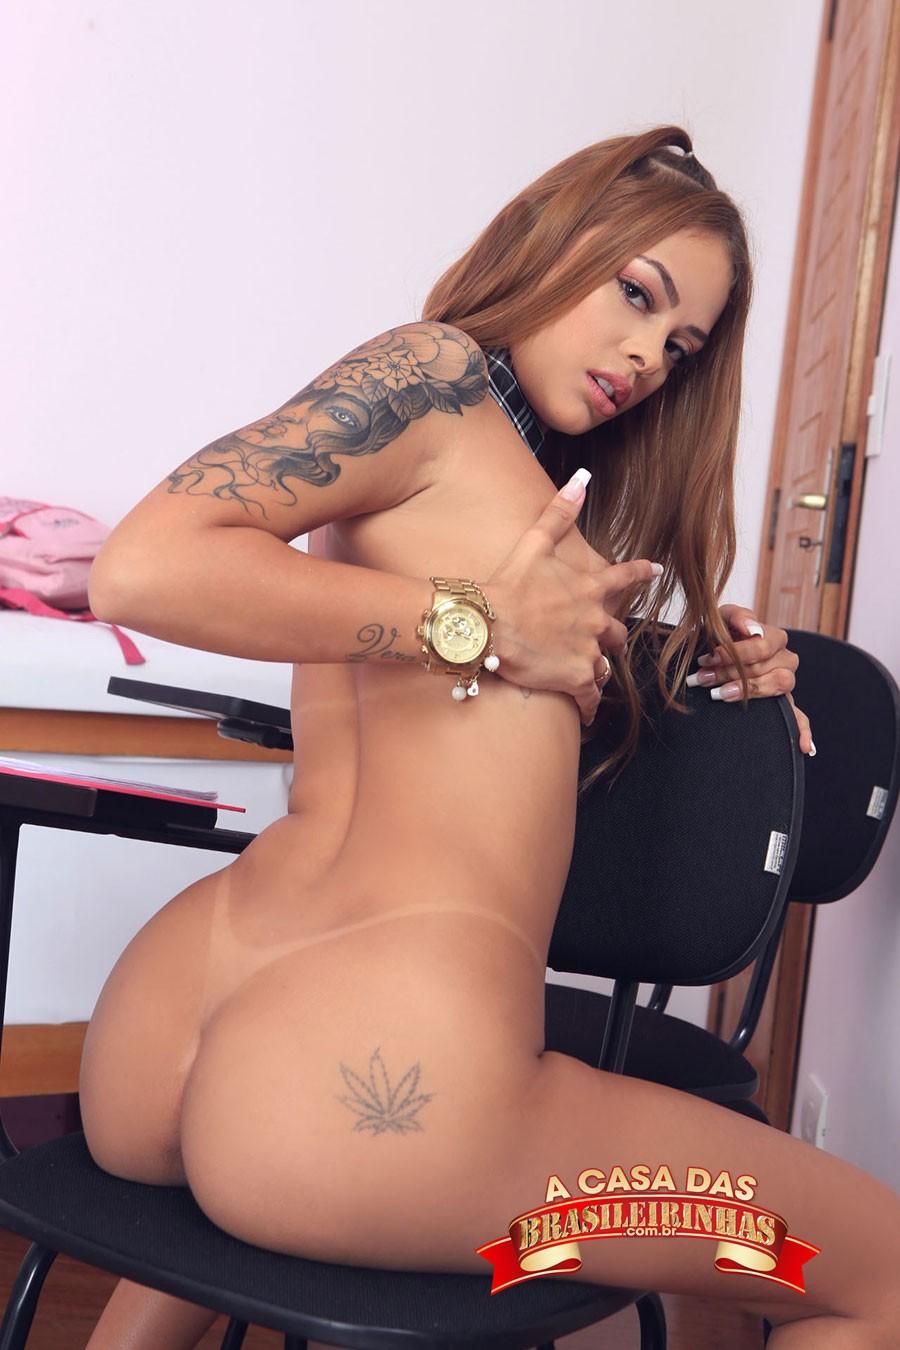 novata-Melissa-Marques-na-Brasileirinhas.jpg